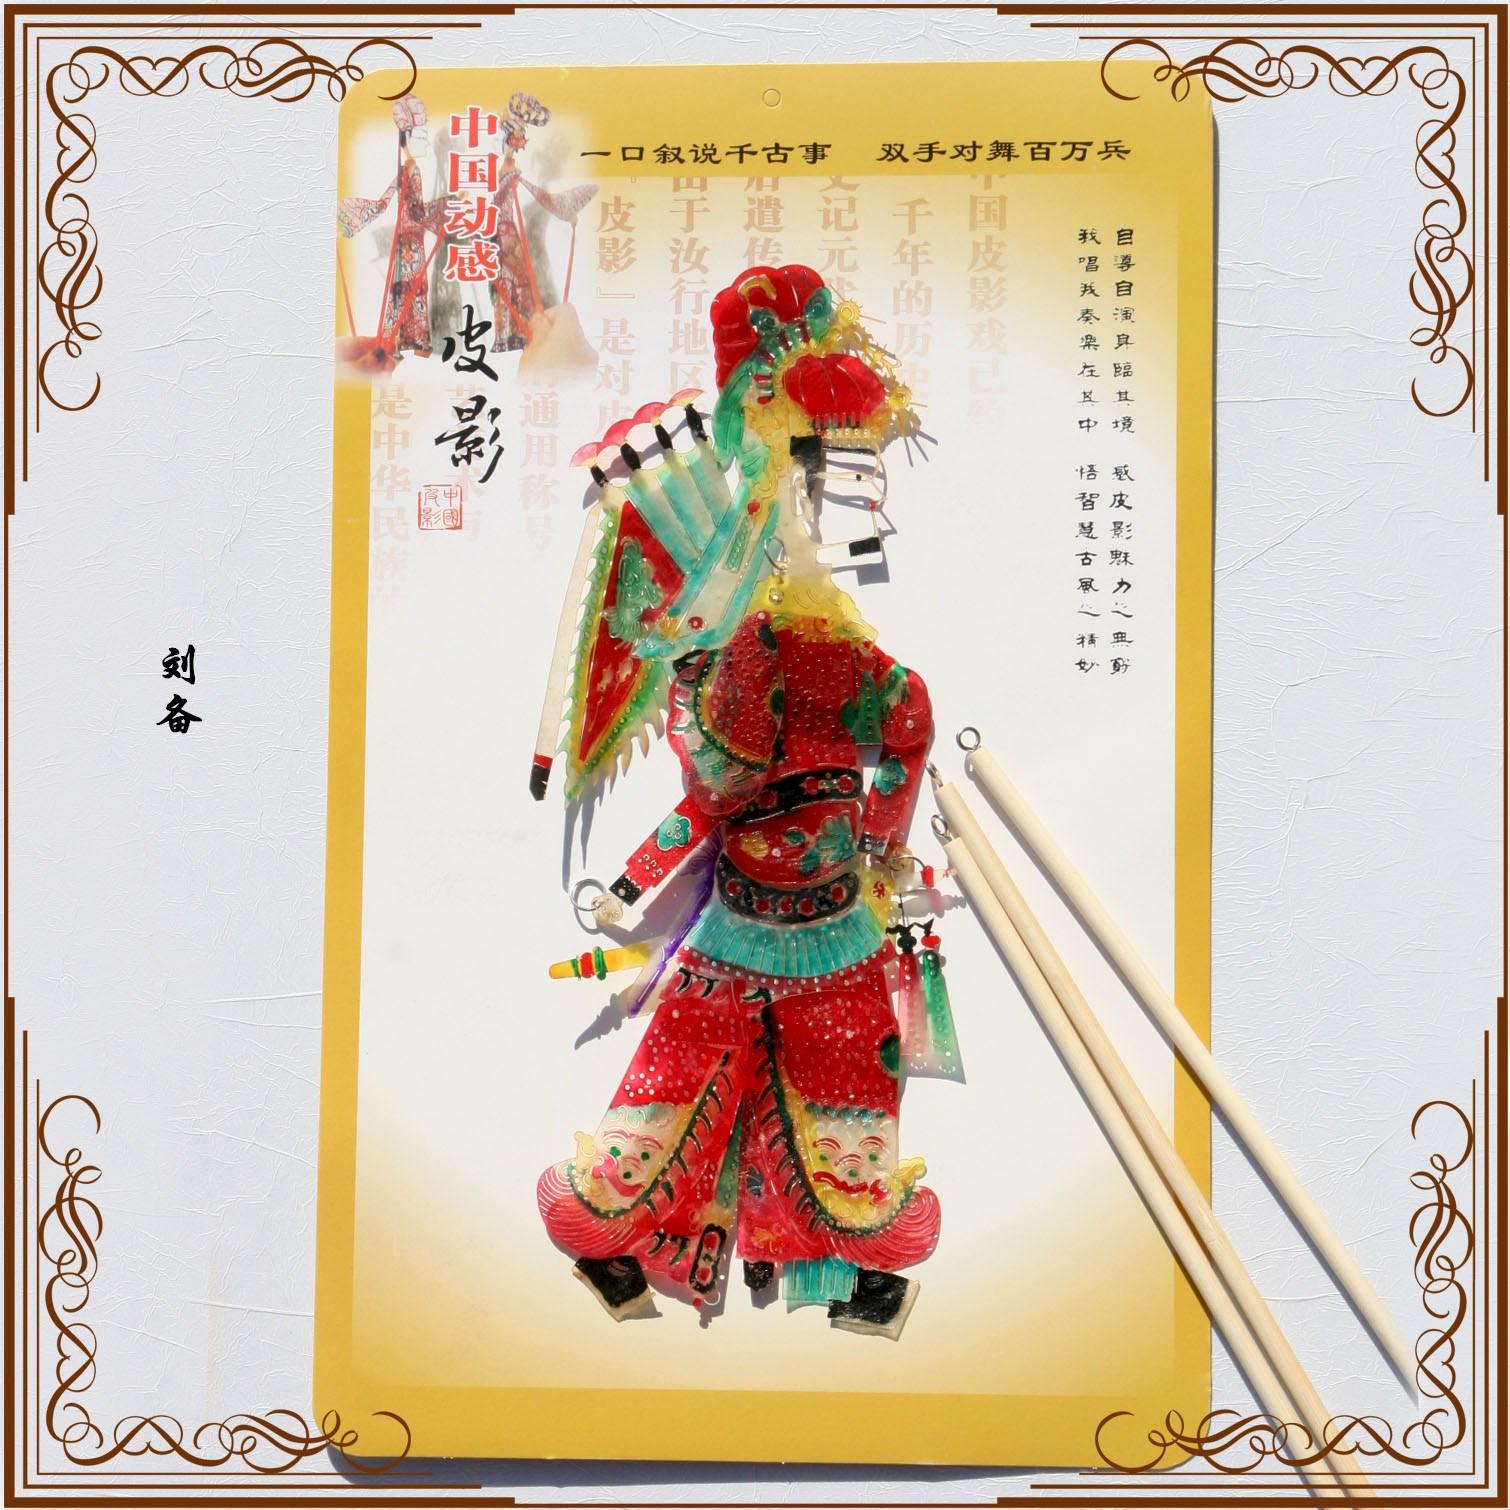 皮影戏道具材料套装 人偶玩具手工艺品纯民间 中国特色出国小礼物